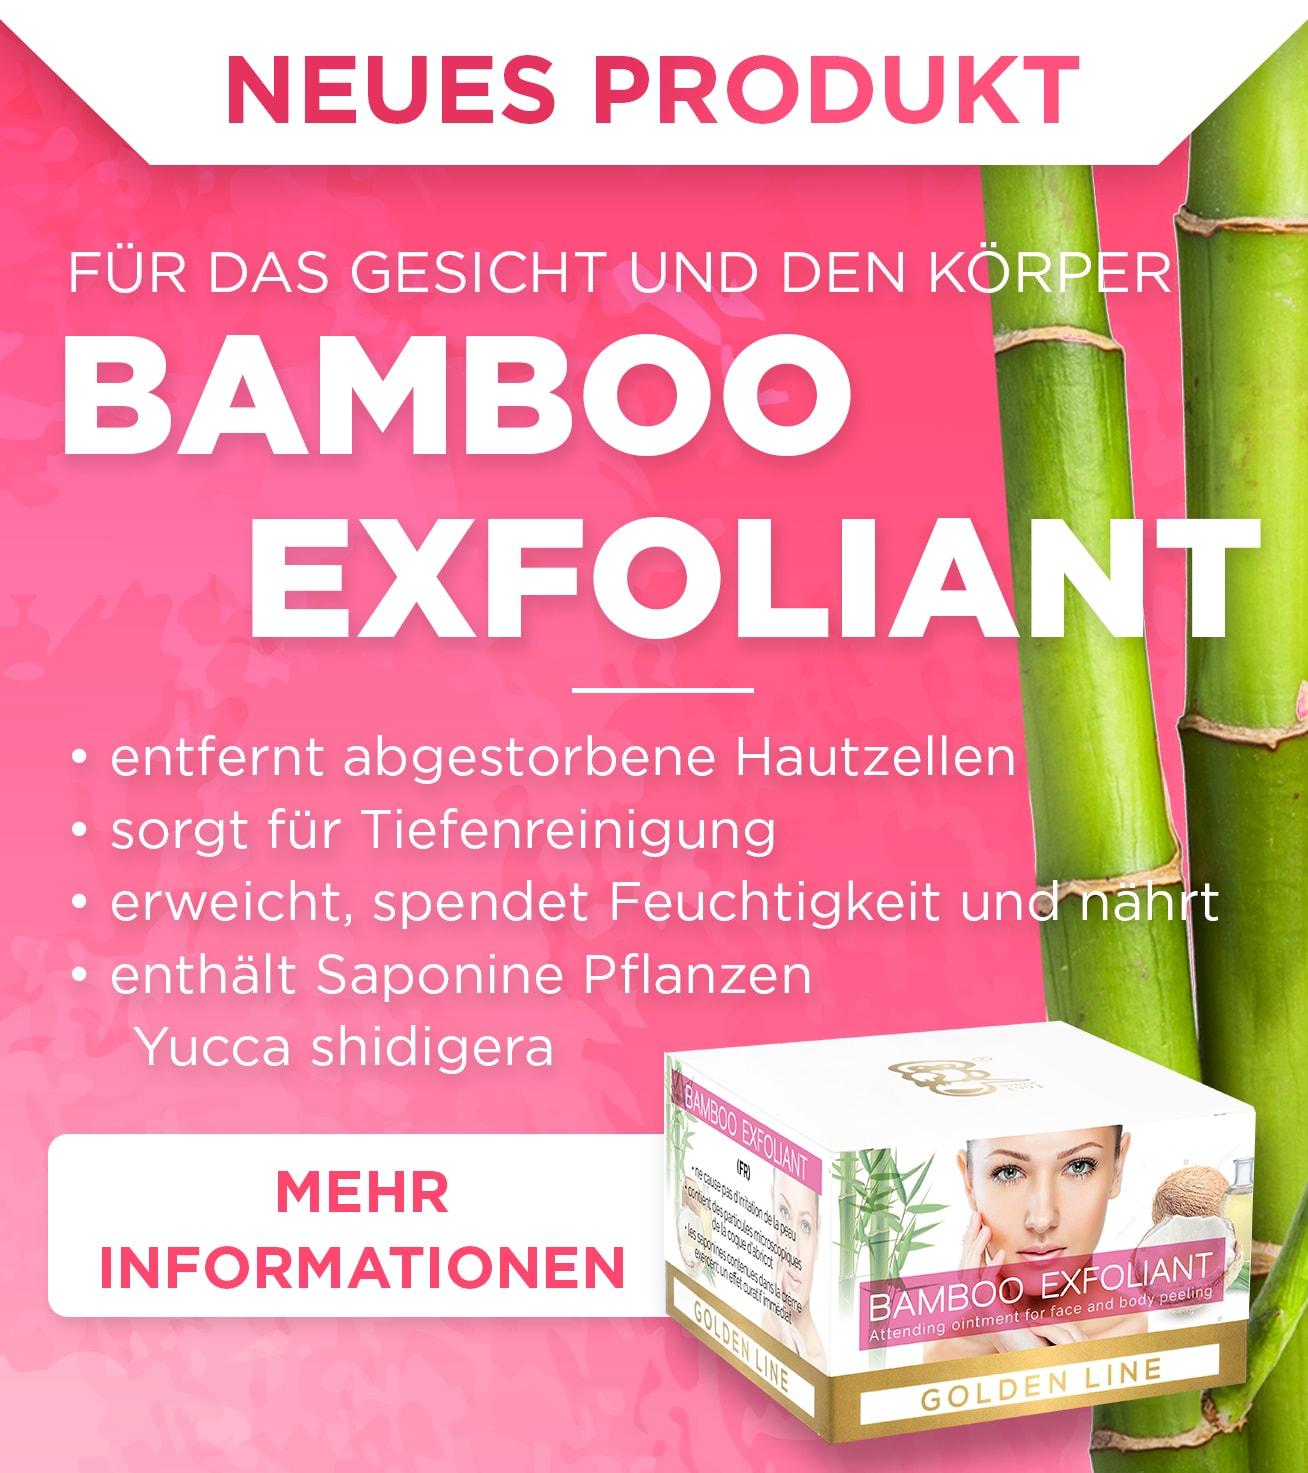 Bamboo-exfoliant-banner-mobile-DE